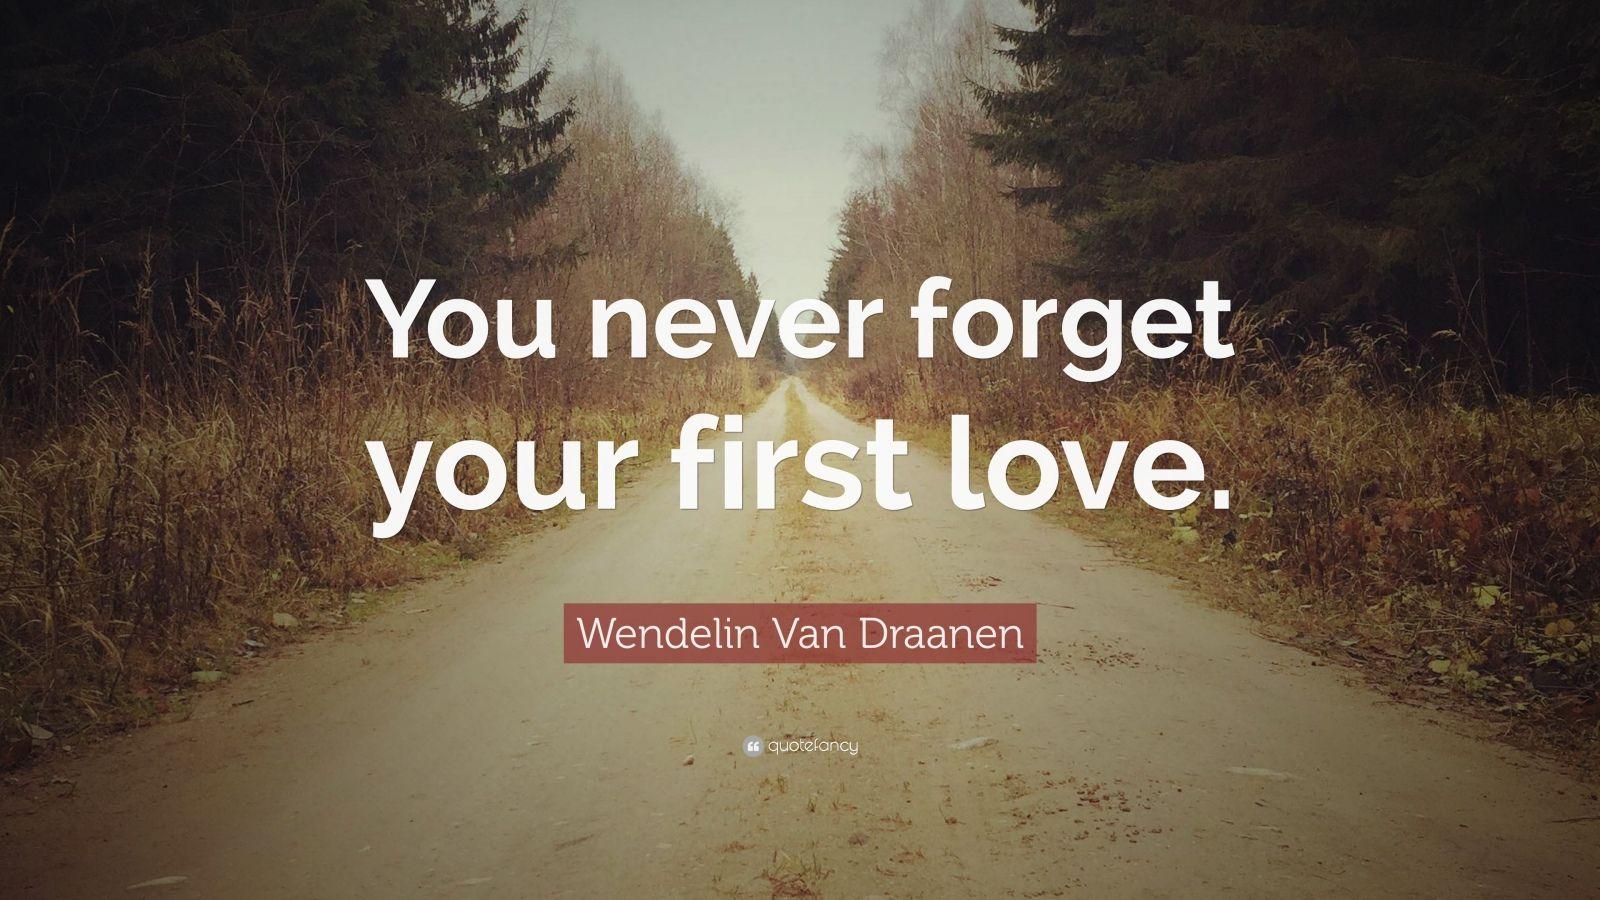 Wendelin Van Draanen Quote: You never forget your first